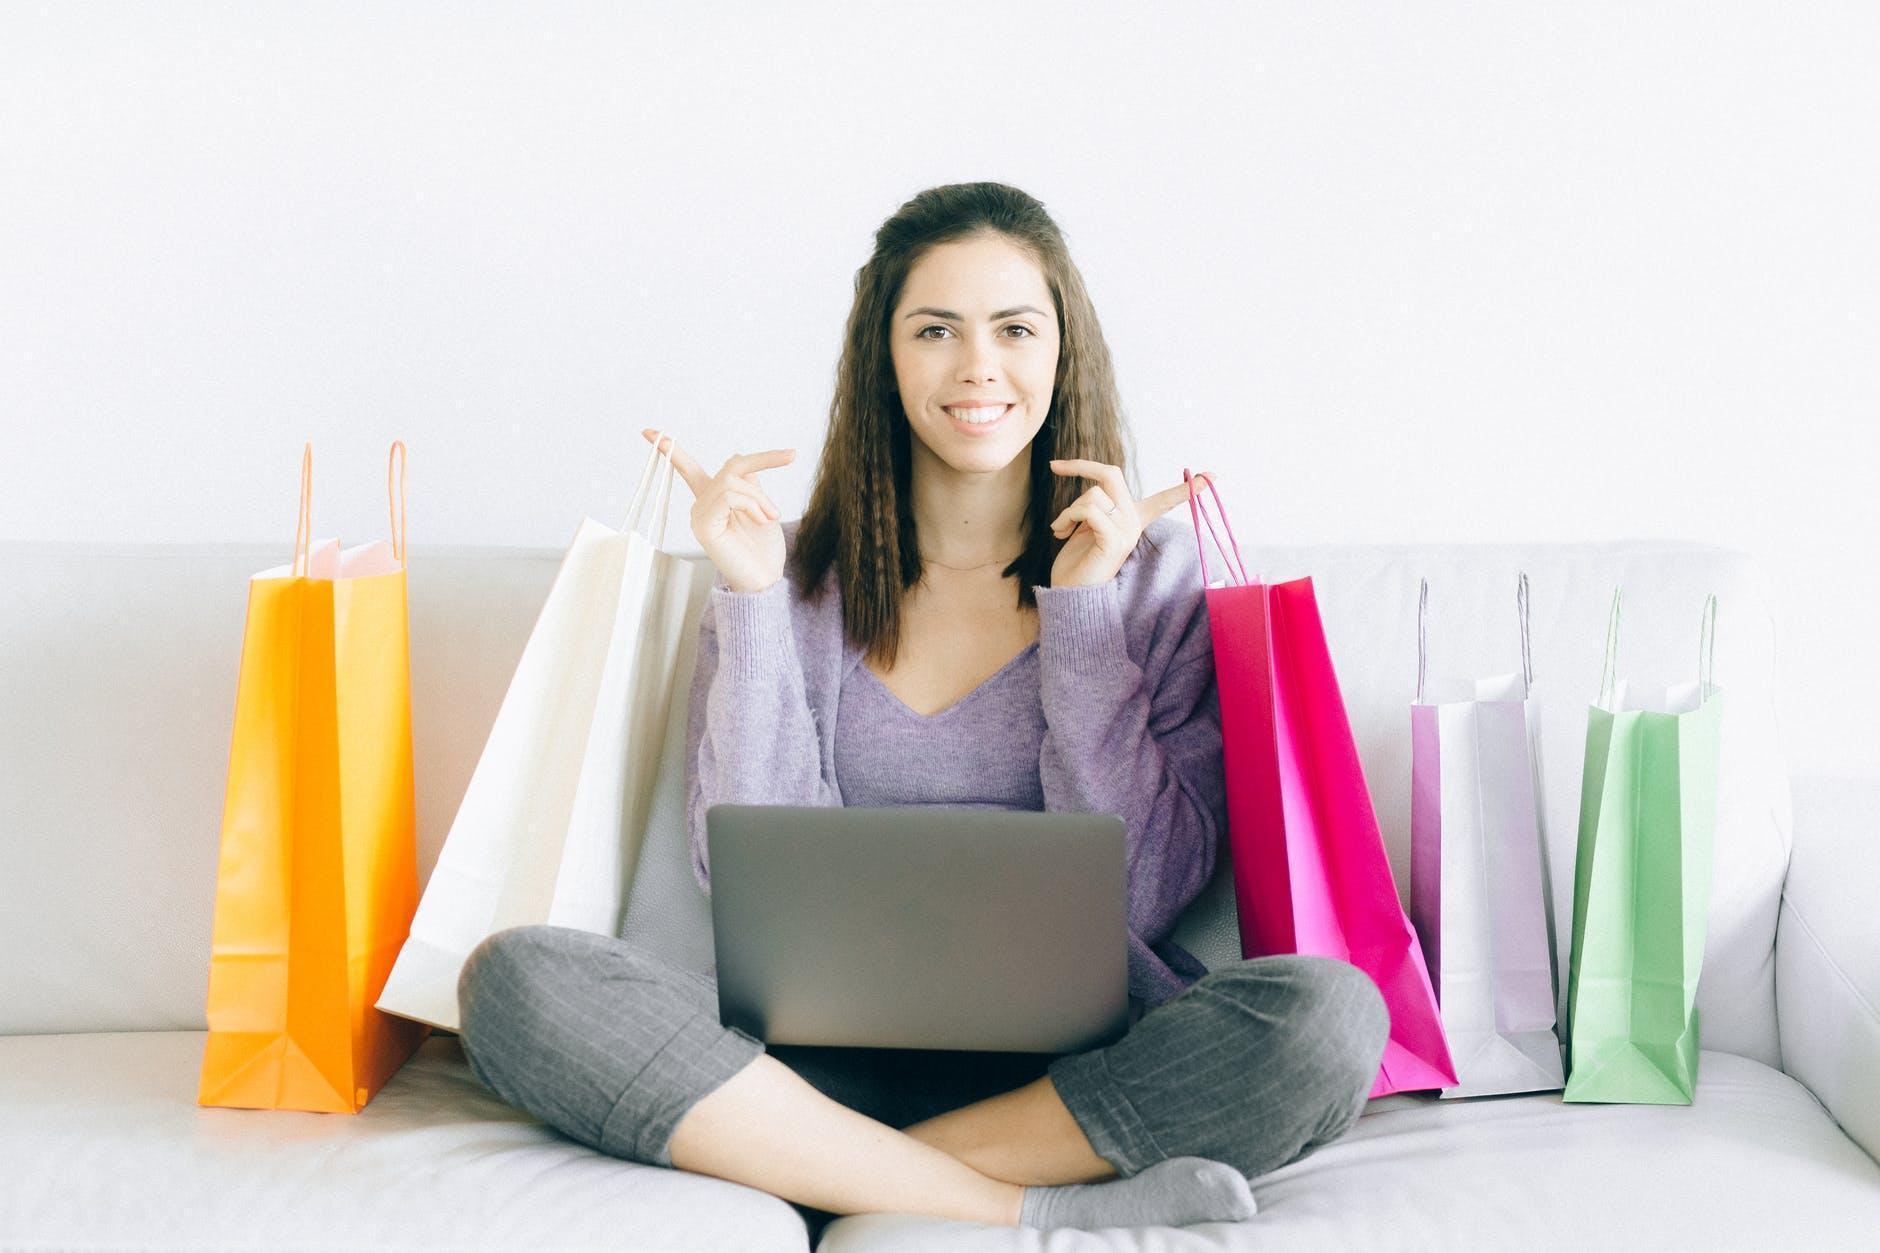 Descubra 13 segredos para poupar dinheiro nas compras online 5